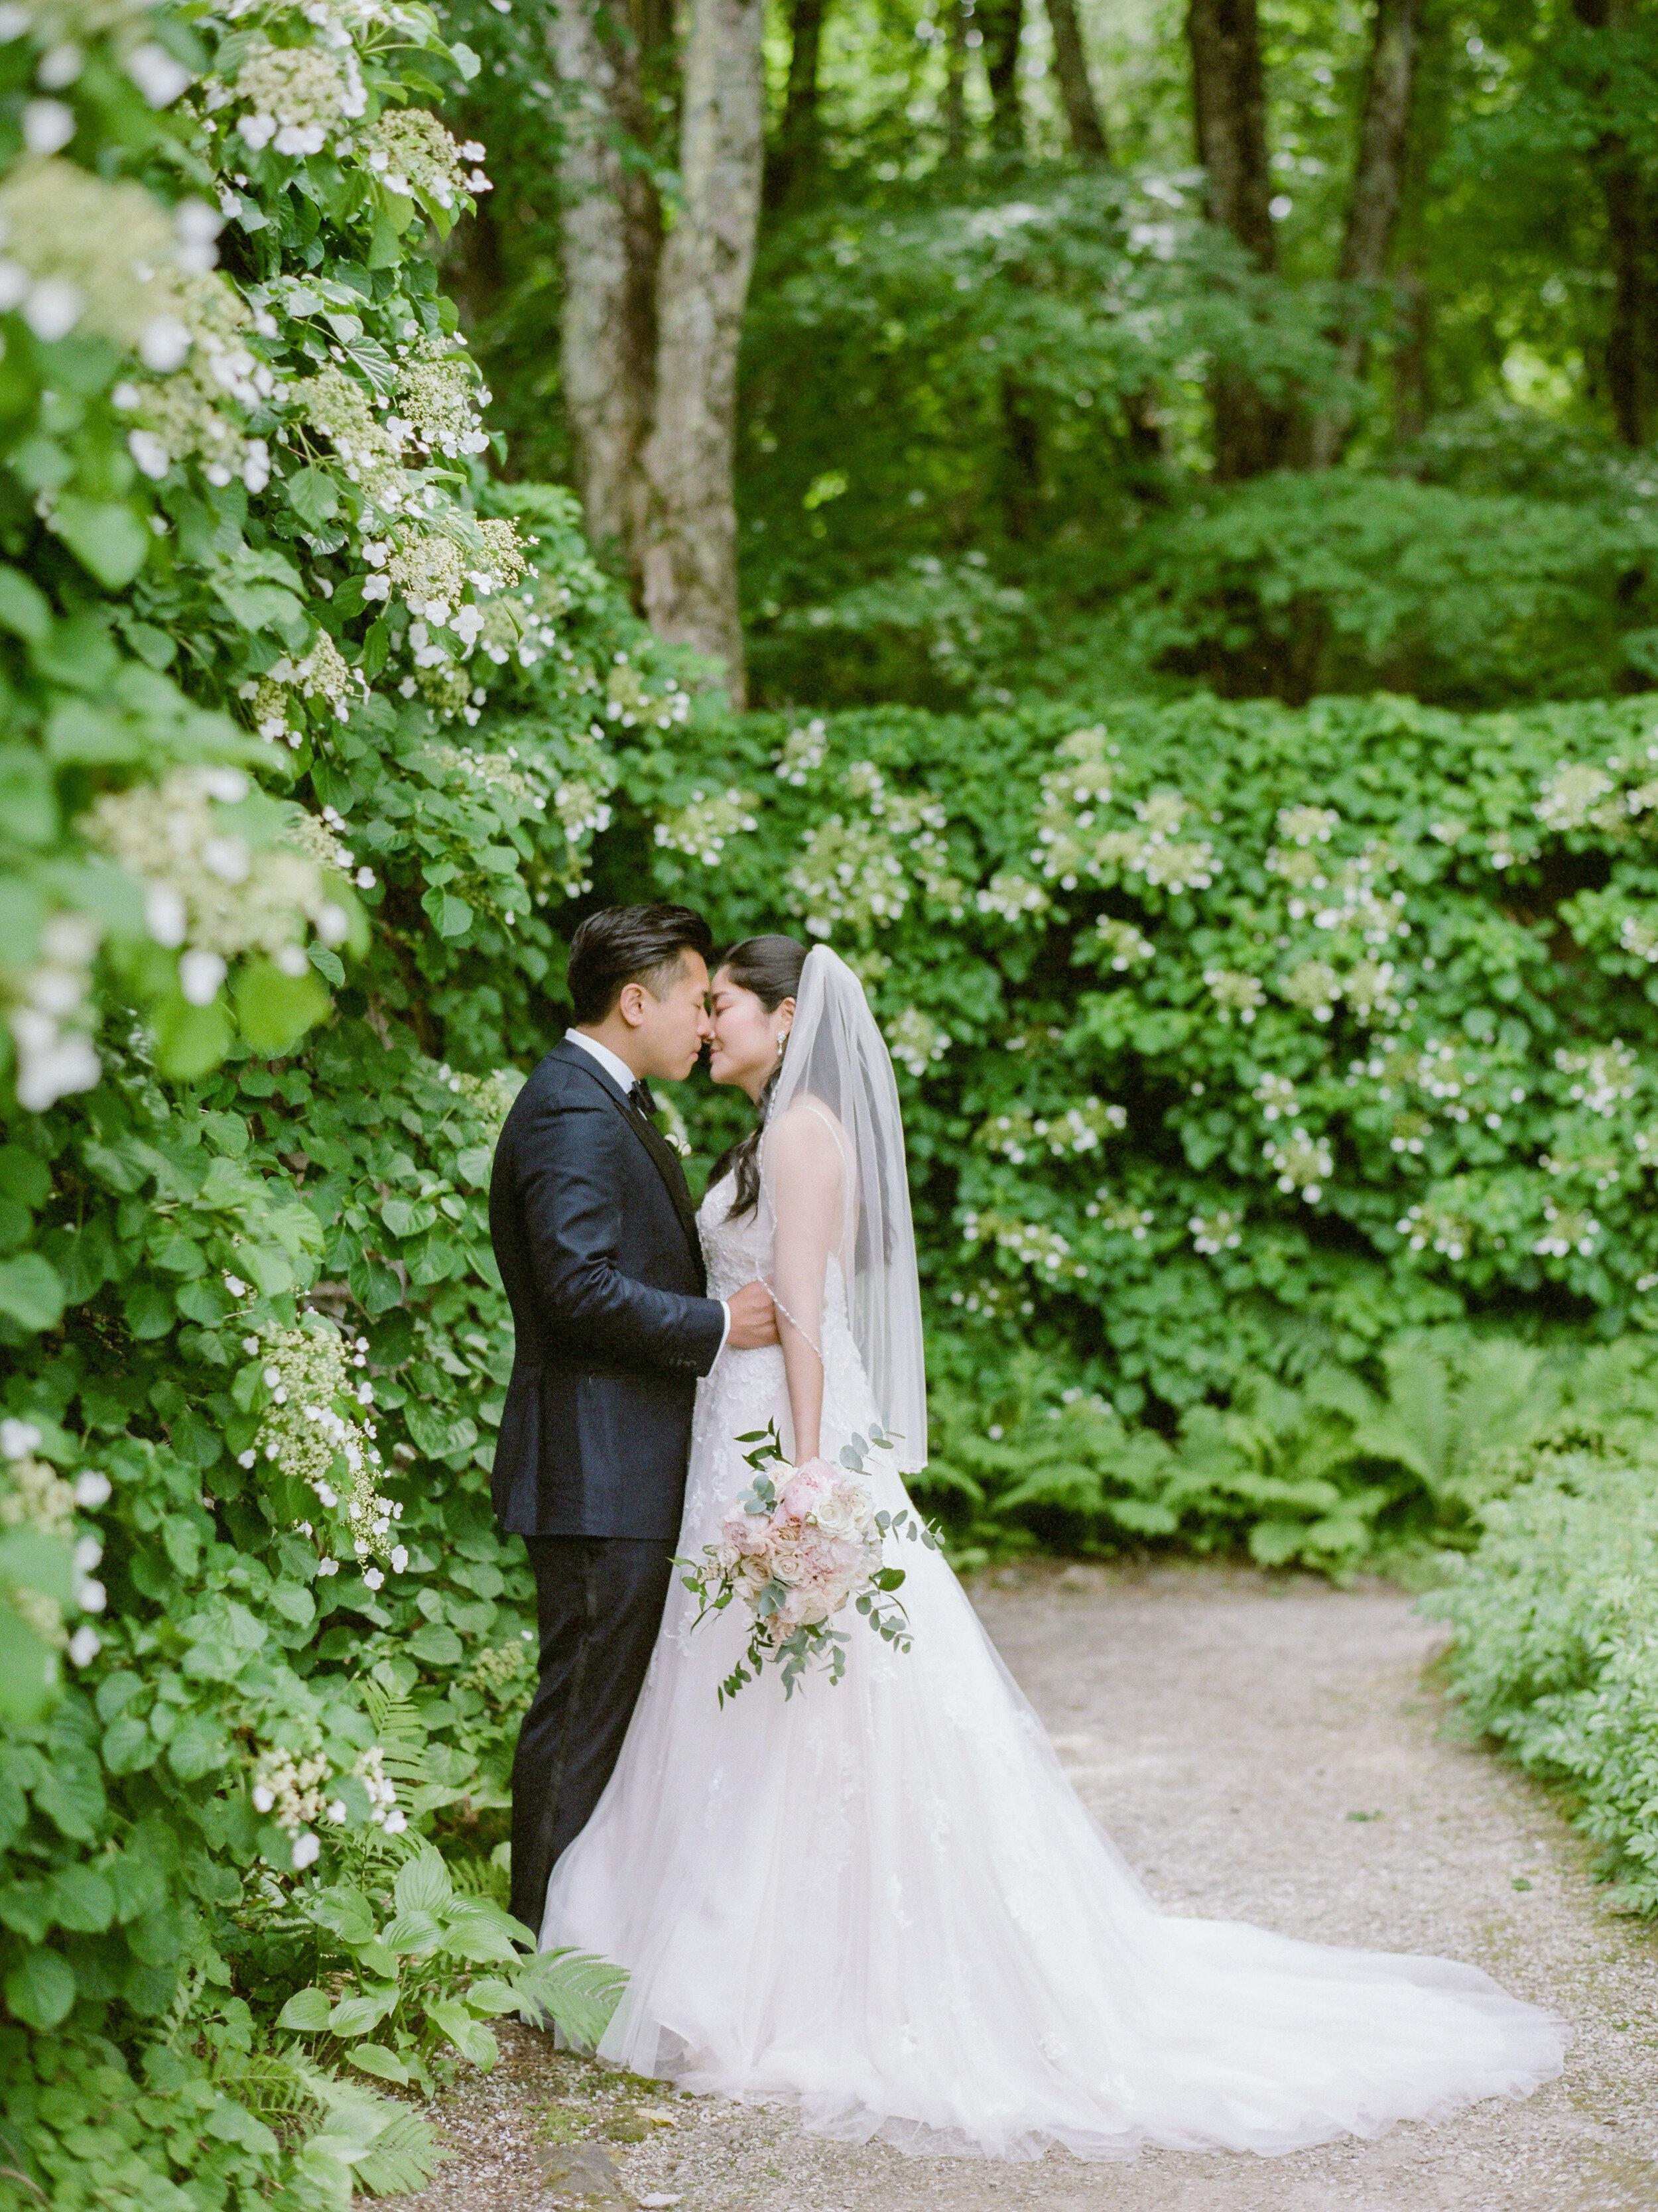 Estate Garden Weddings in Massachusetts